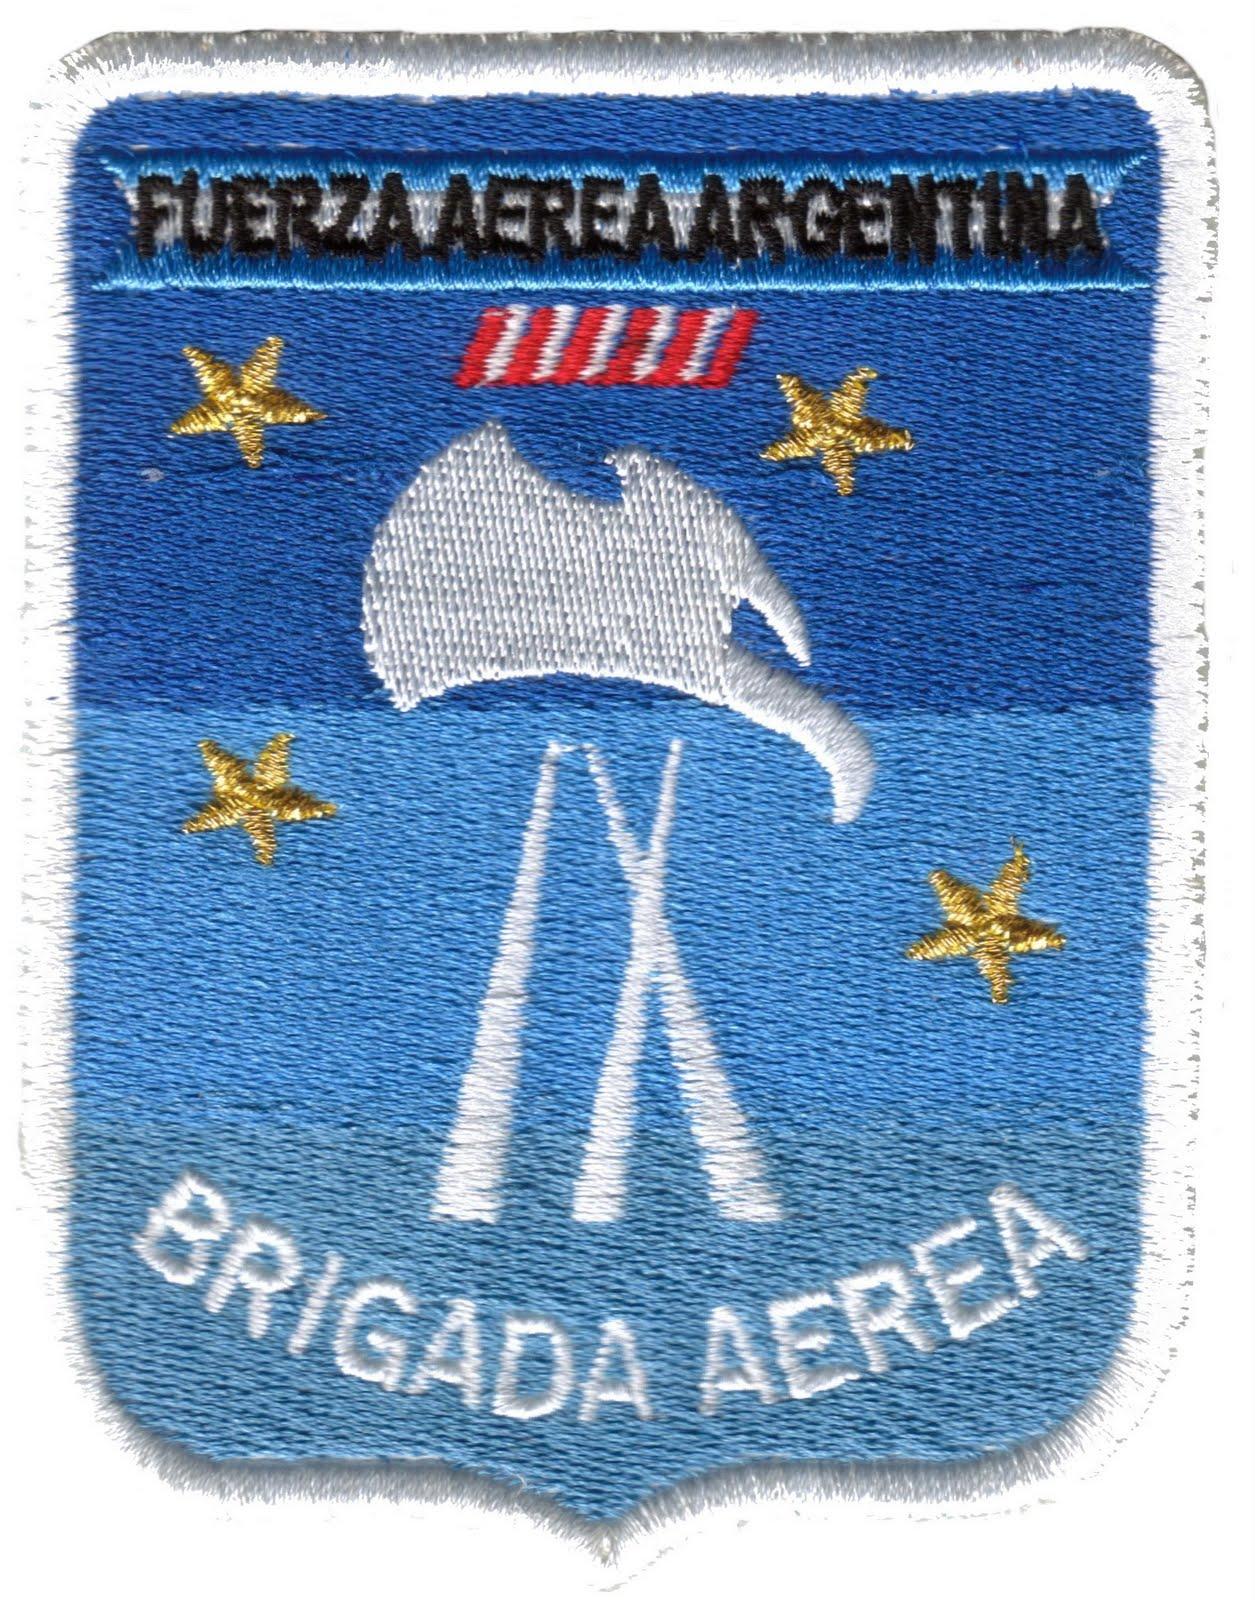 Día del Transporte Aéreo Militar. FAA%2B-%2BIX%2BBrigada%2BA%25C3%25A9rea%2B-%2B%2B%2528Color%2529